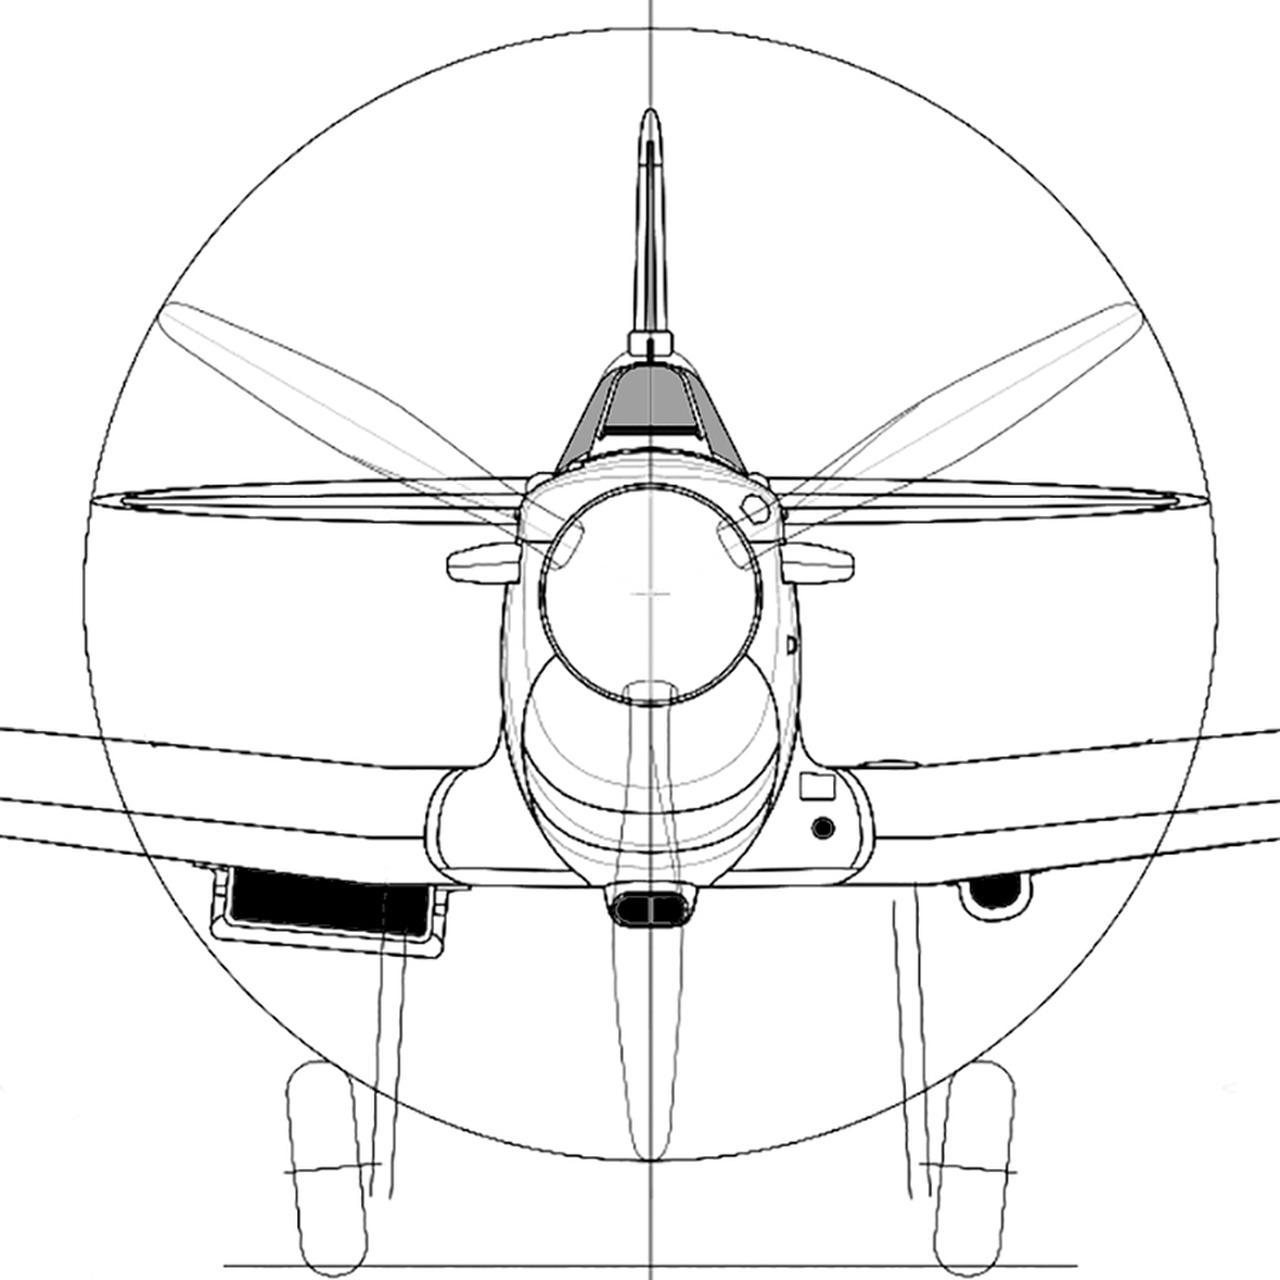 Images : 5番目の画像 - モンスターマシン 023 ダイムラー・ベンツ対ロールス・ロイス - Webモーターマガジン